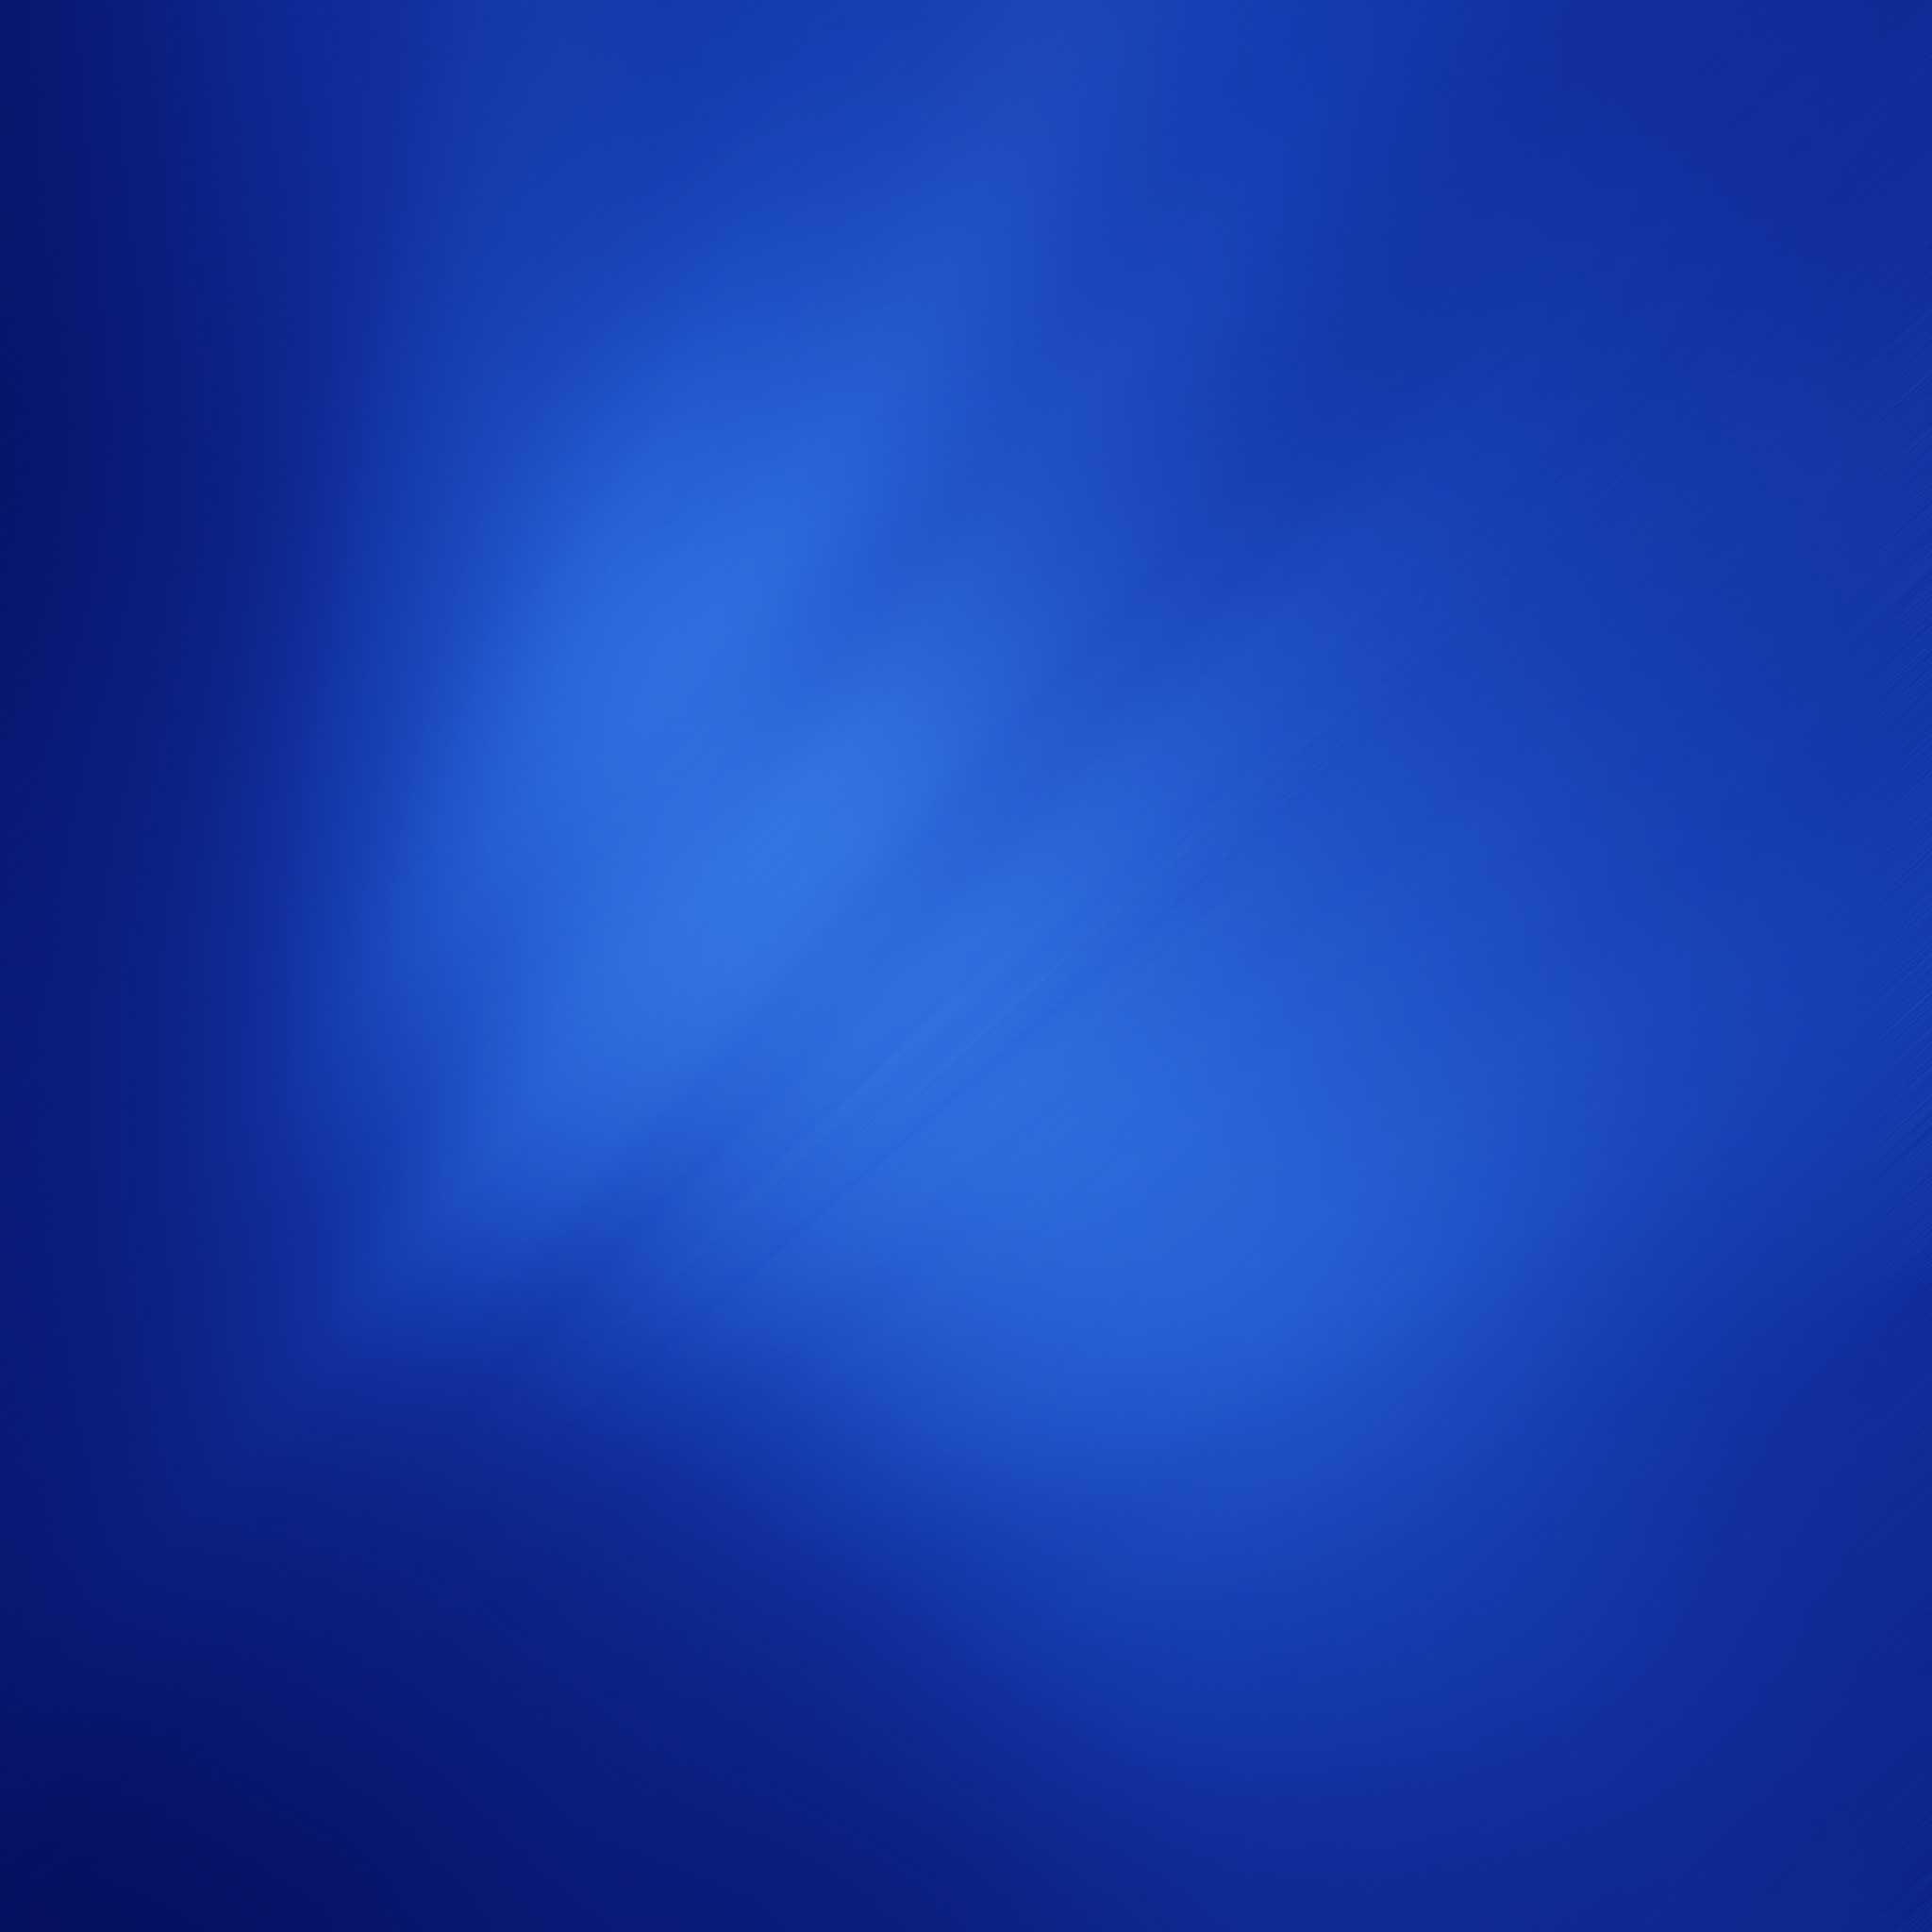 Deep Blue Backgrounds 2048x2048